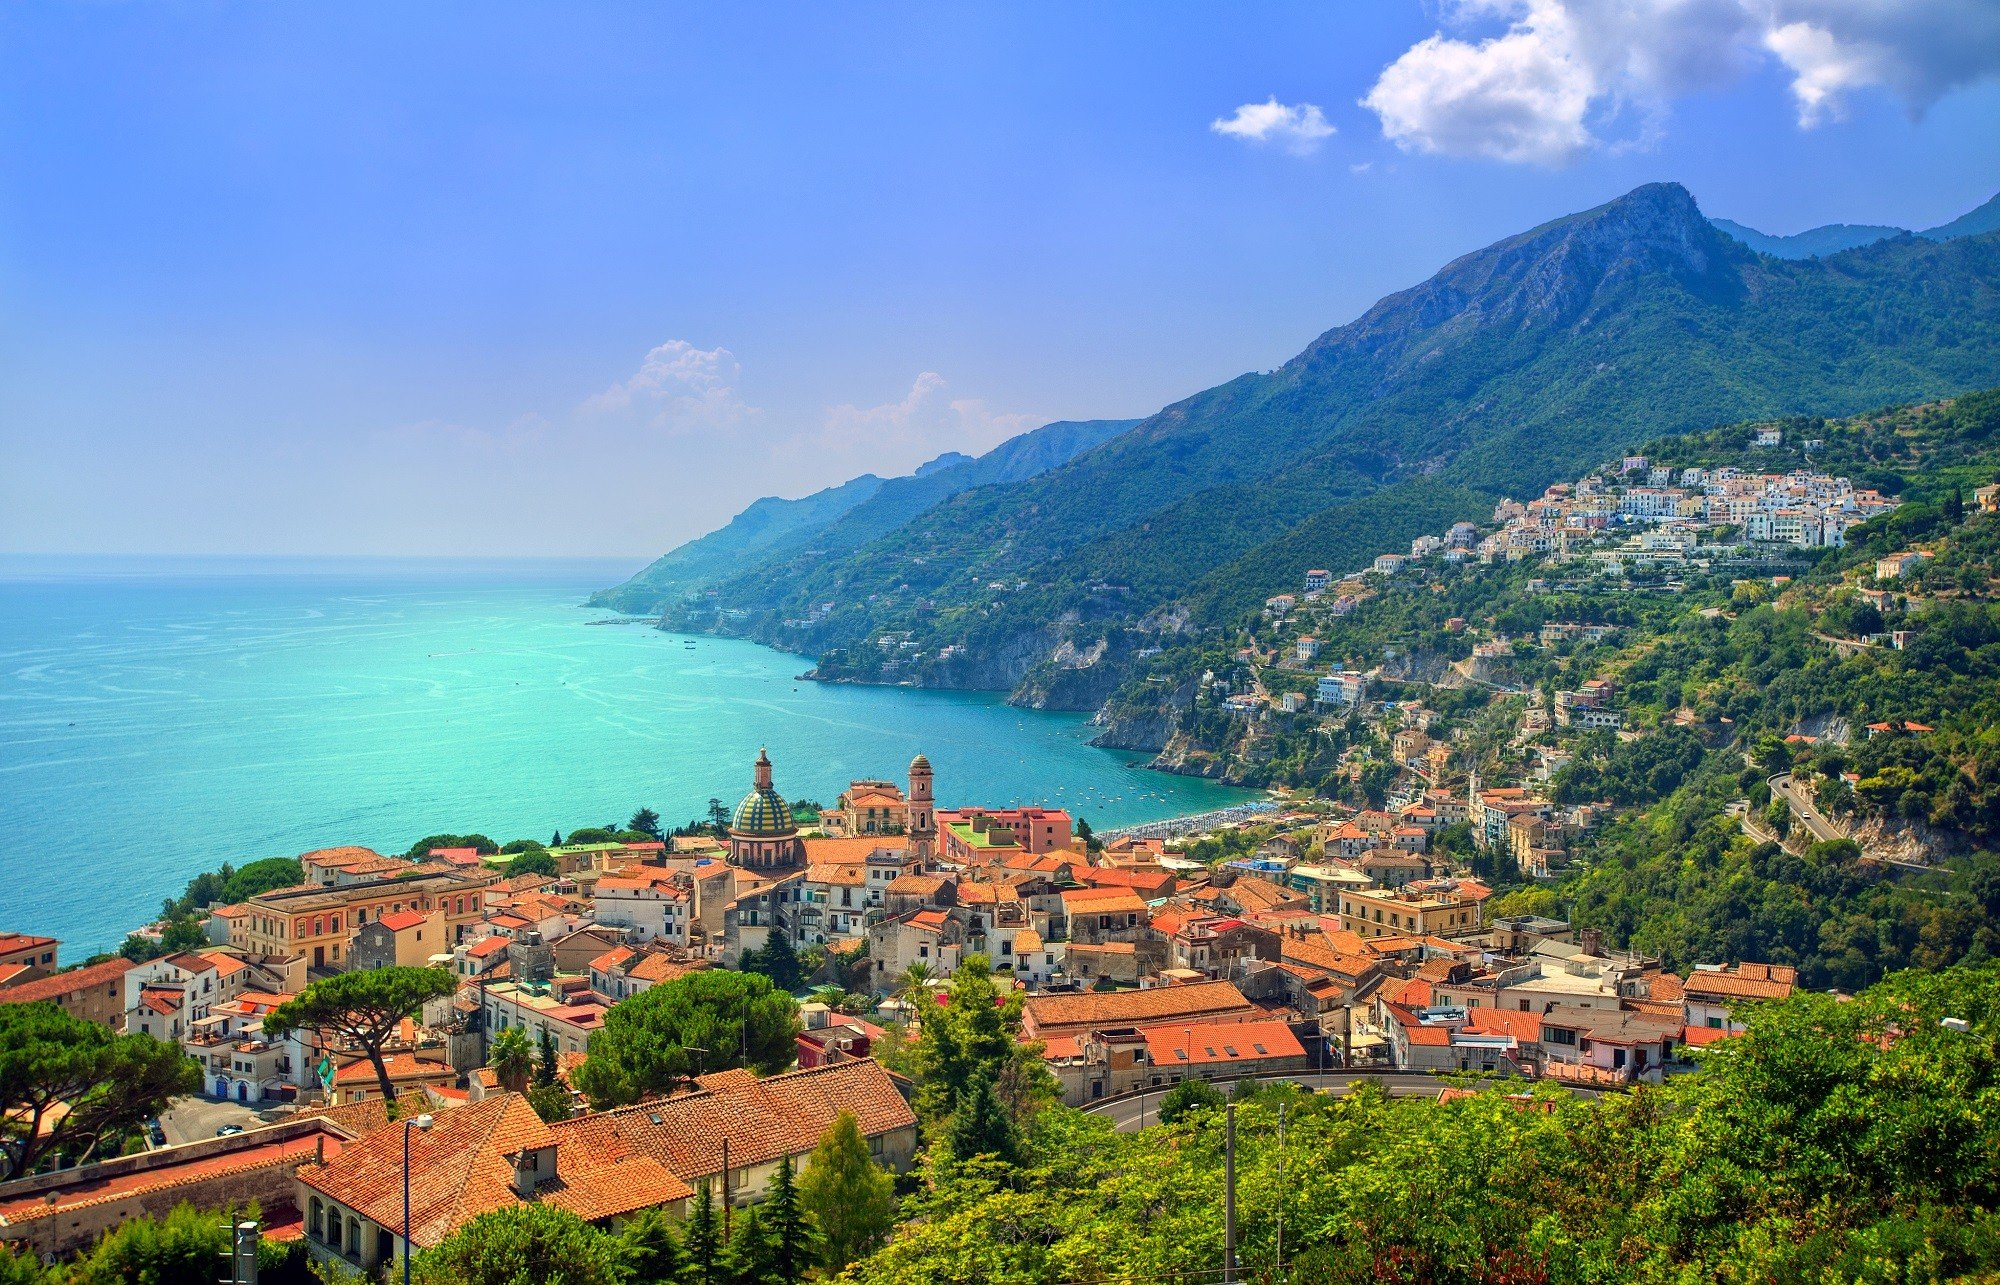 Dagaanbieding - 8-daagse fly en drive langs de prachtige Italiaanse Amalfikust incl. vlucht en autohuur dagelijkse koopjes